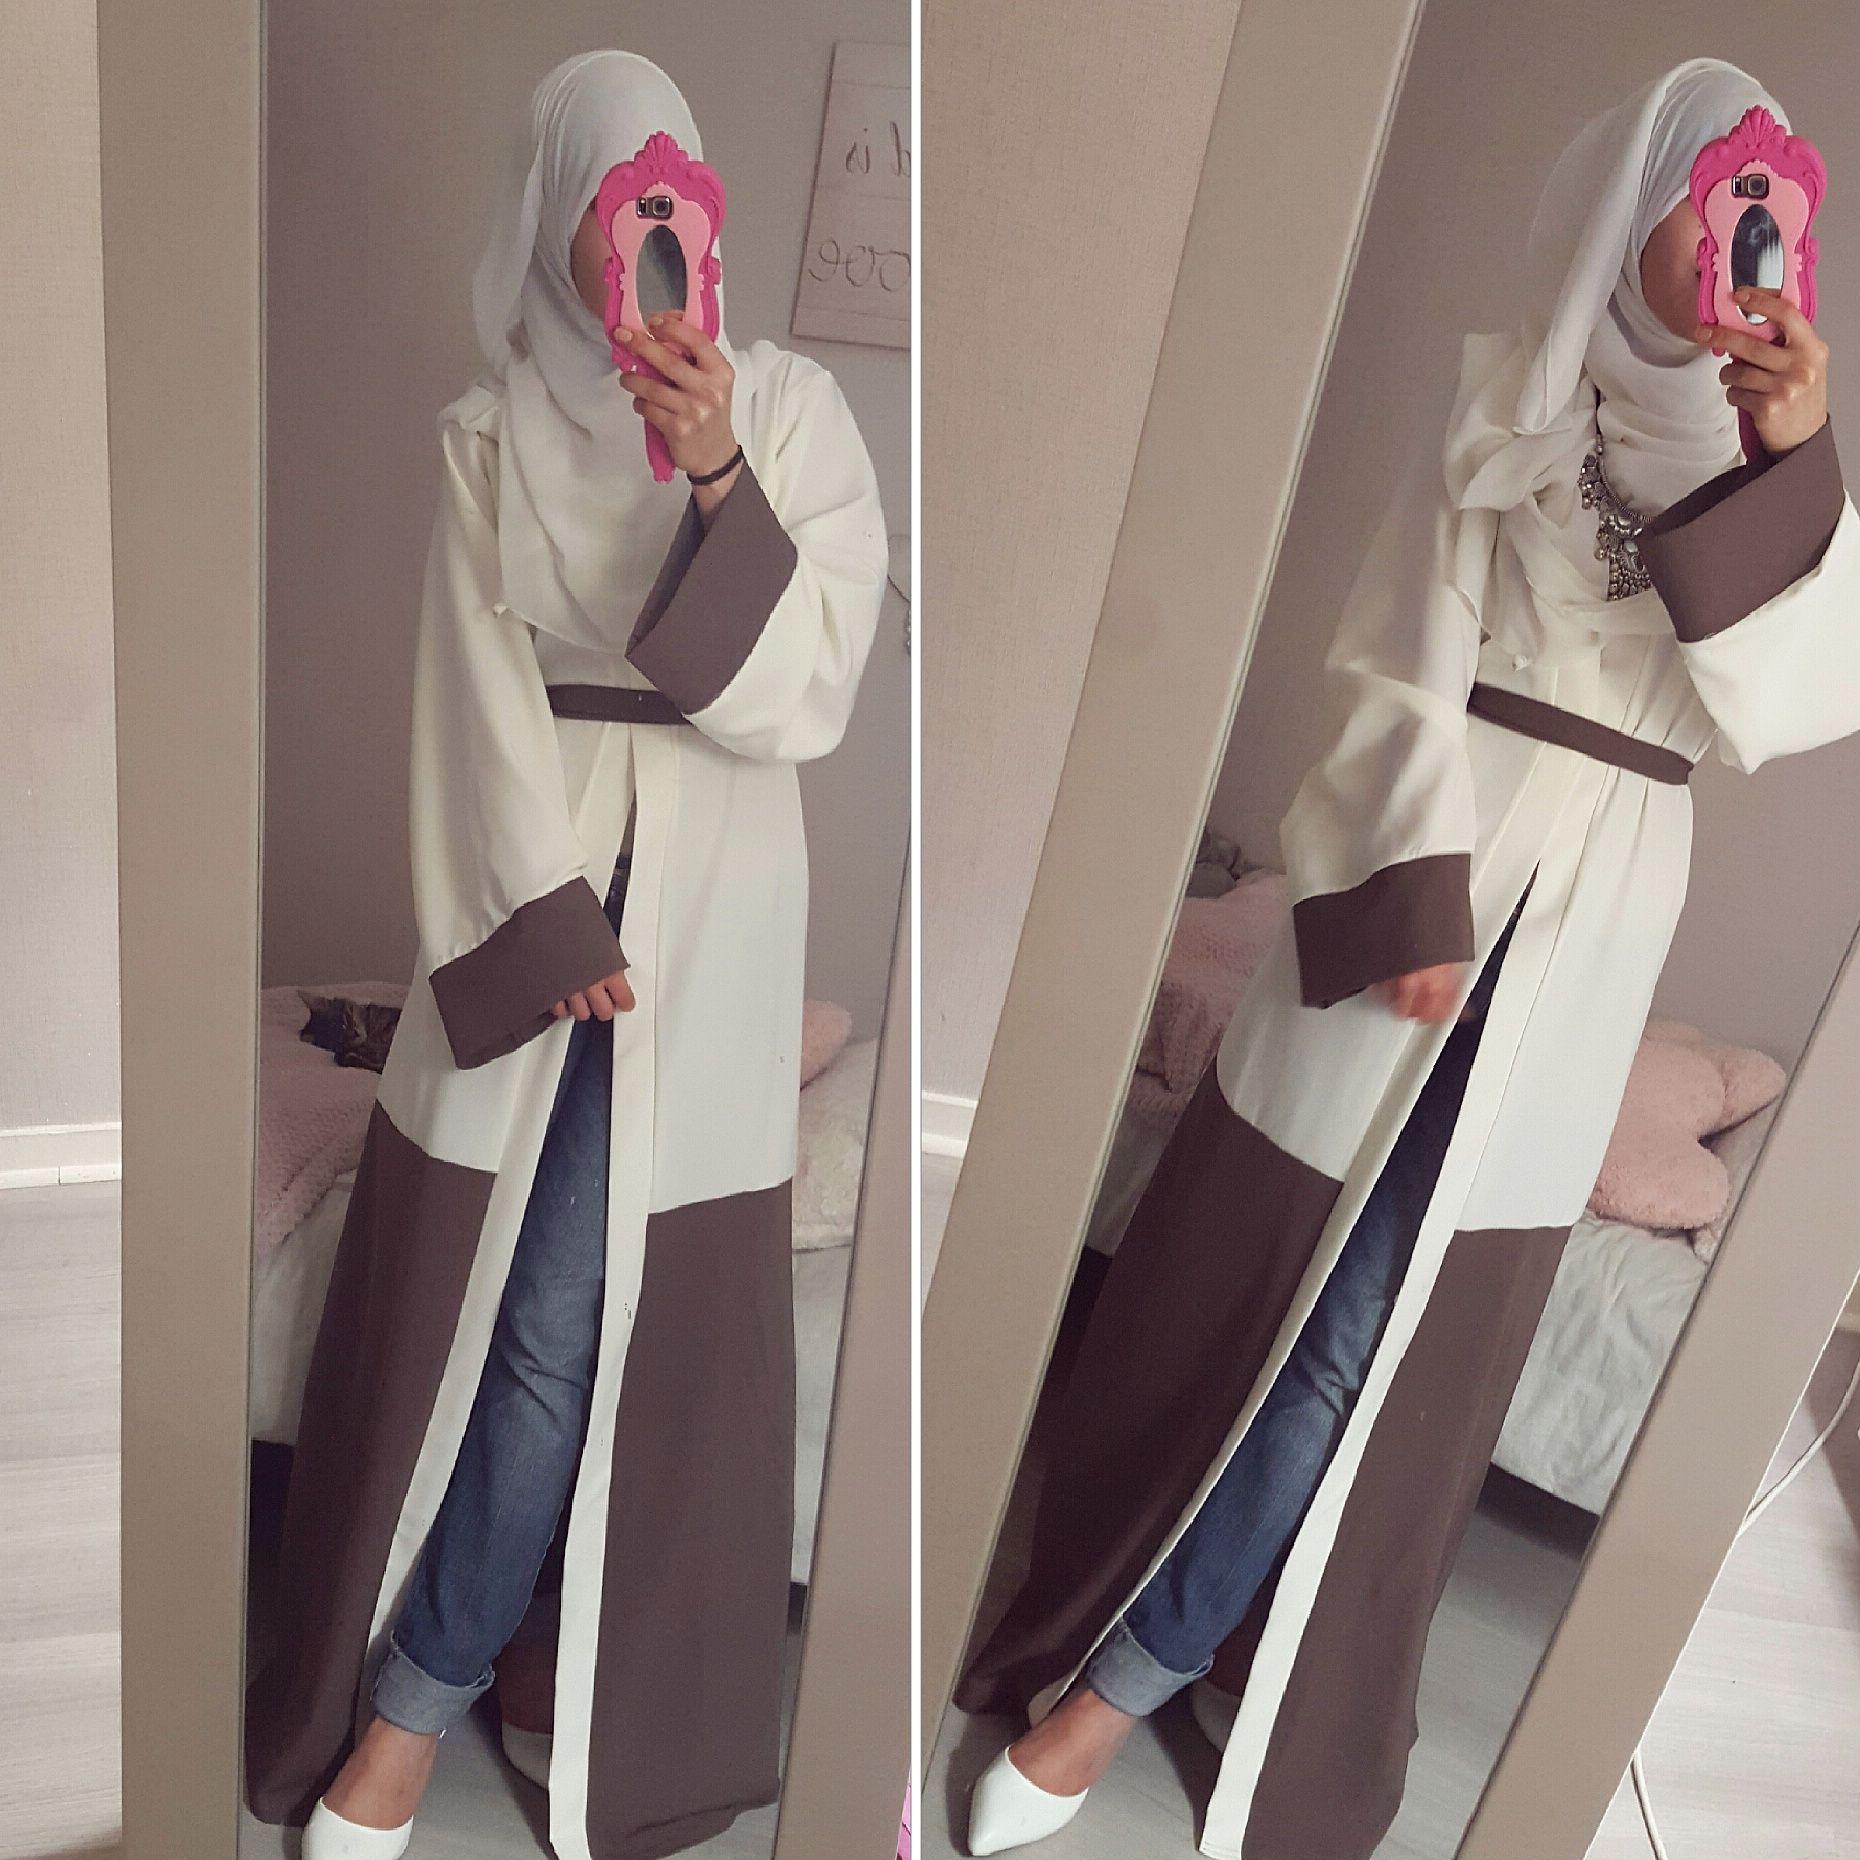 Prêtàporter Pour Femme Musulmane Boutique De Vêtements Islamique - Pret a porter musulmane